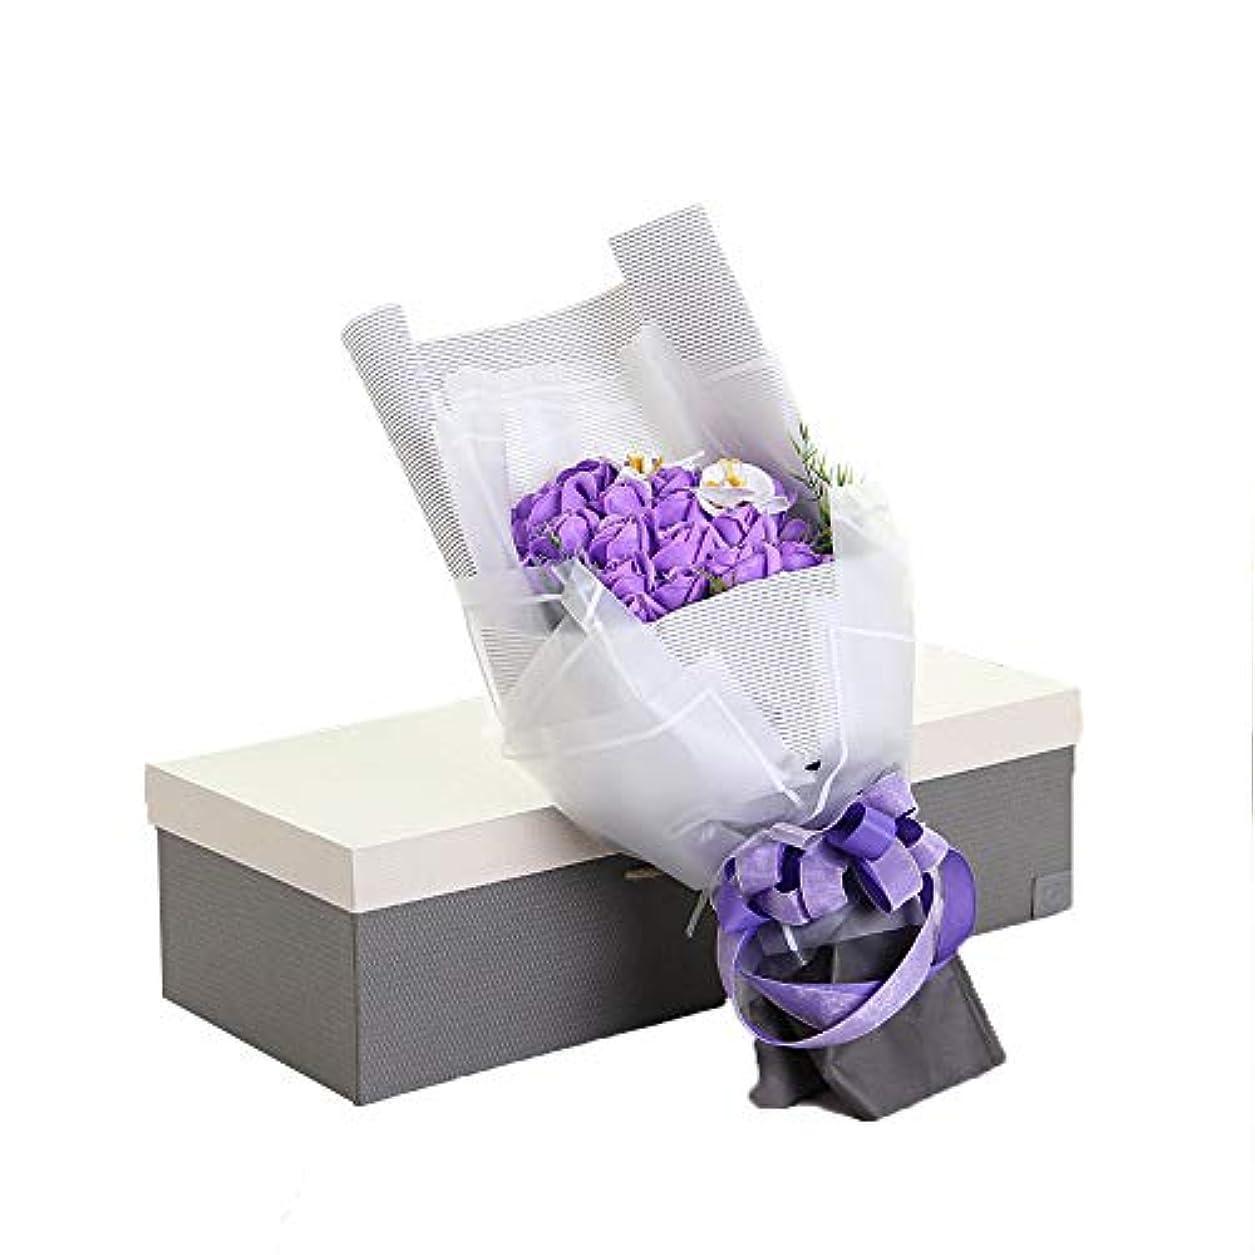 分散物理学者間隔手作り29石鹸花の花束ギフトボックス、女性のためのギフトバレンタインデー、母の日、結婚式、クリスマス、誕生日(ベアカラーランダム) (色 : 紫の)